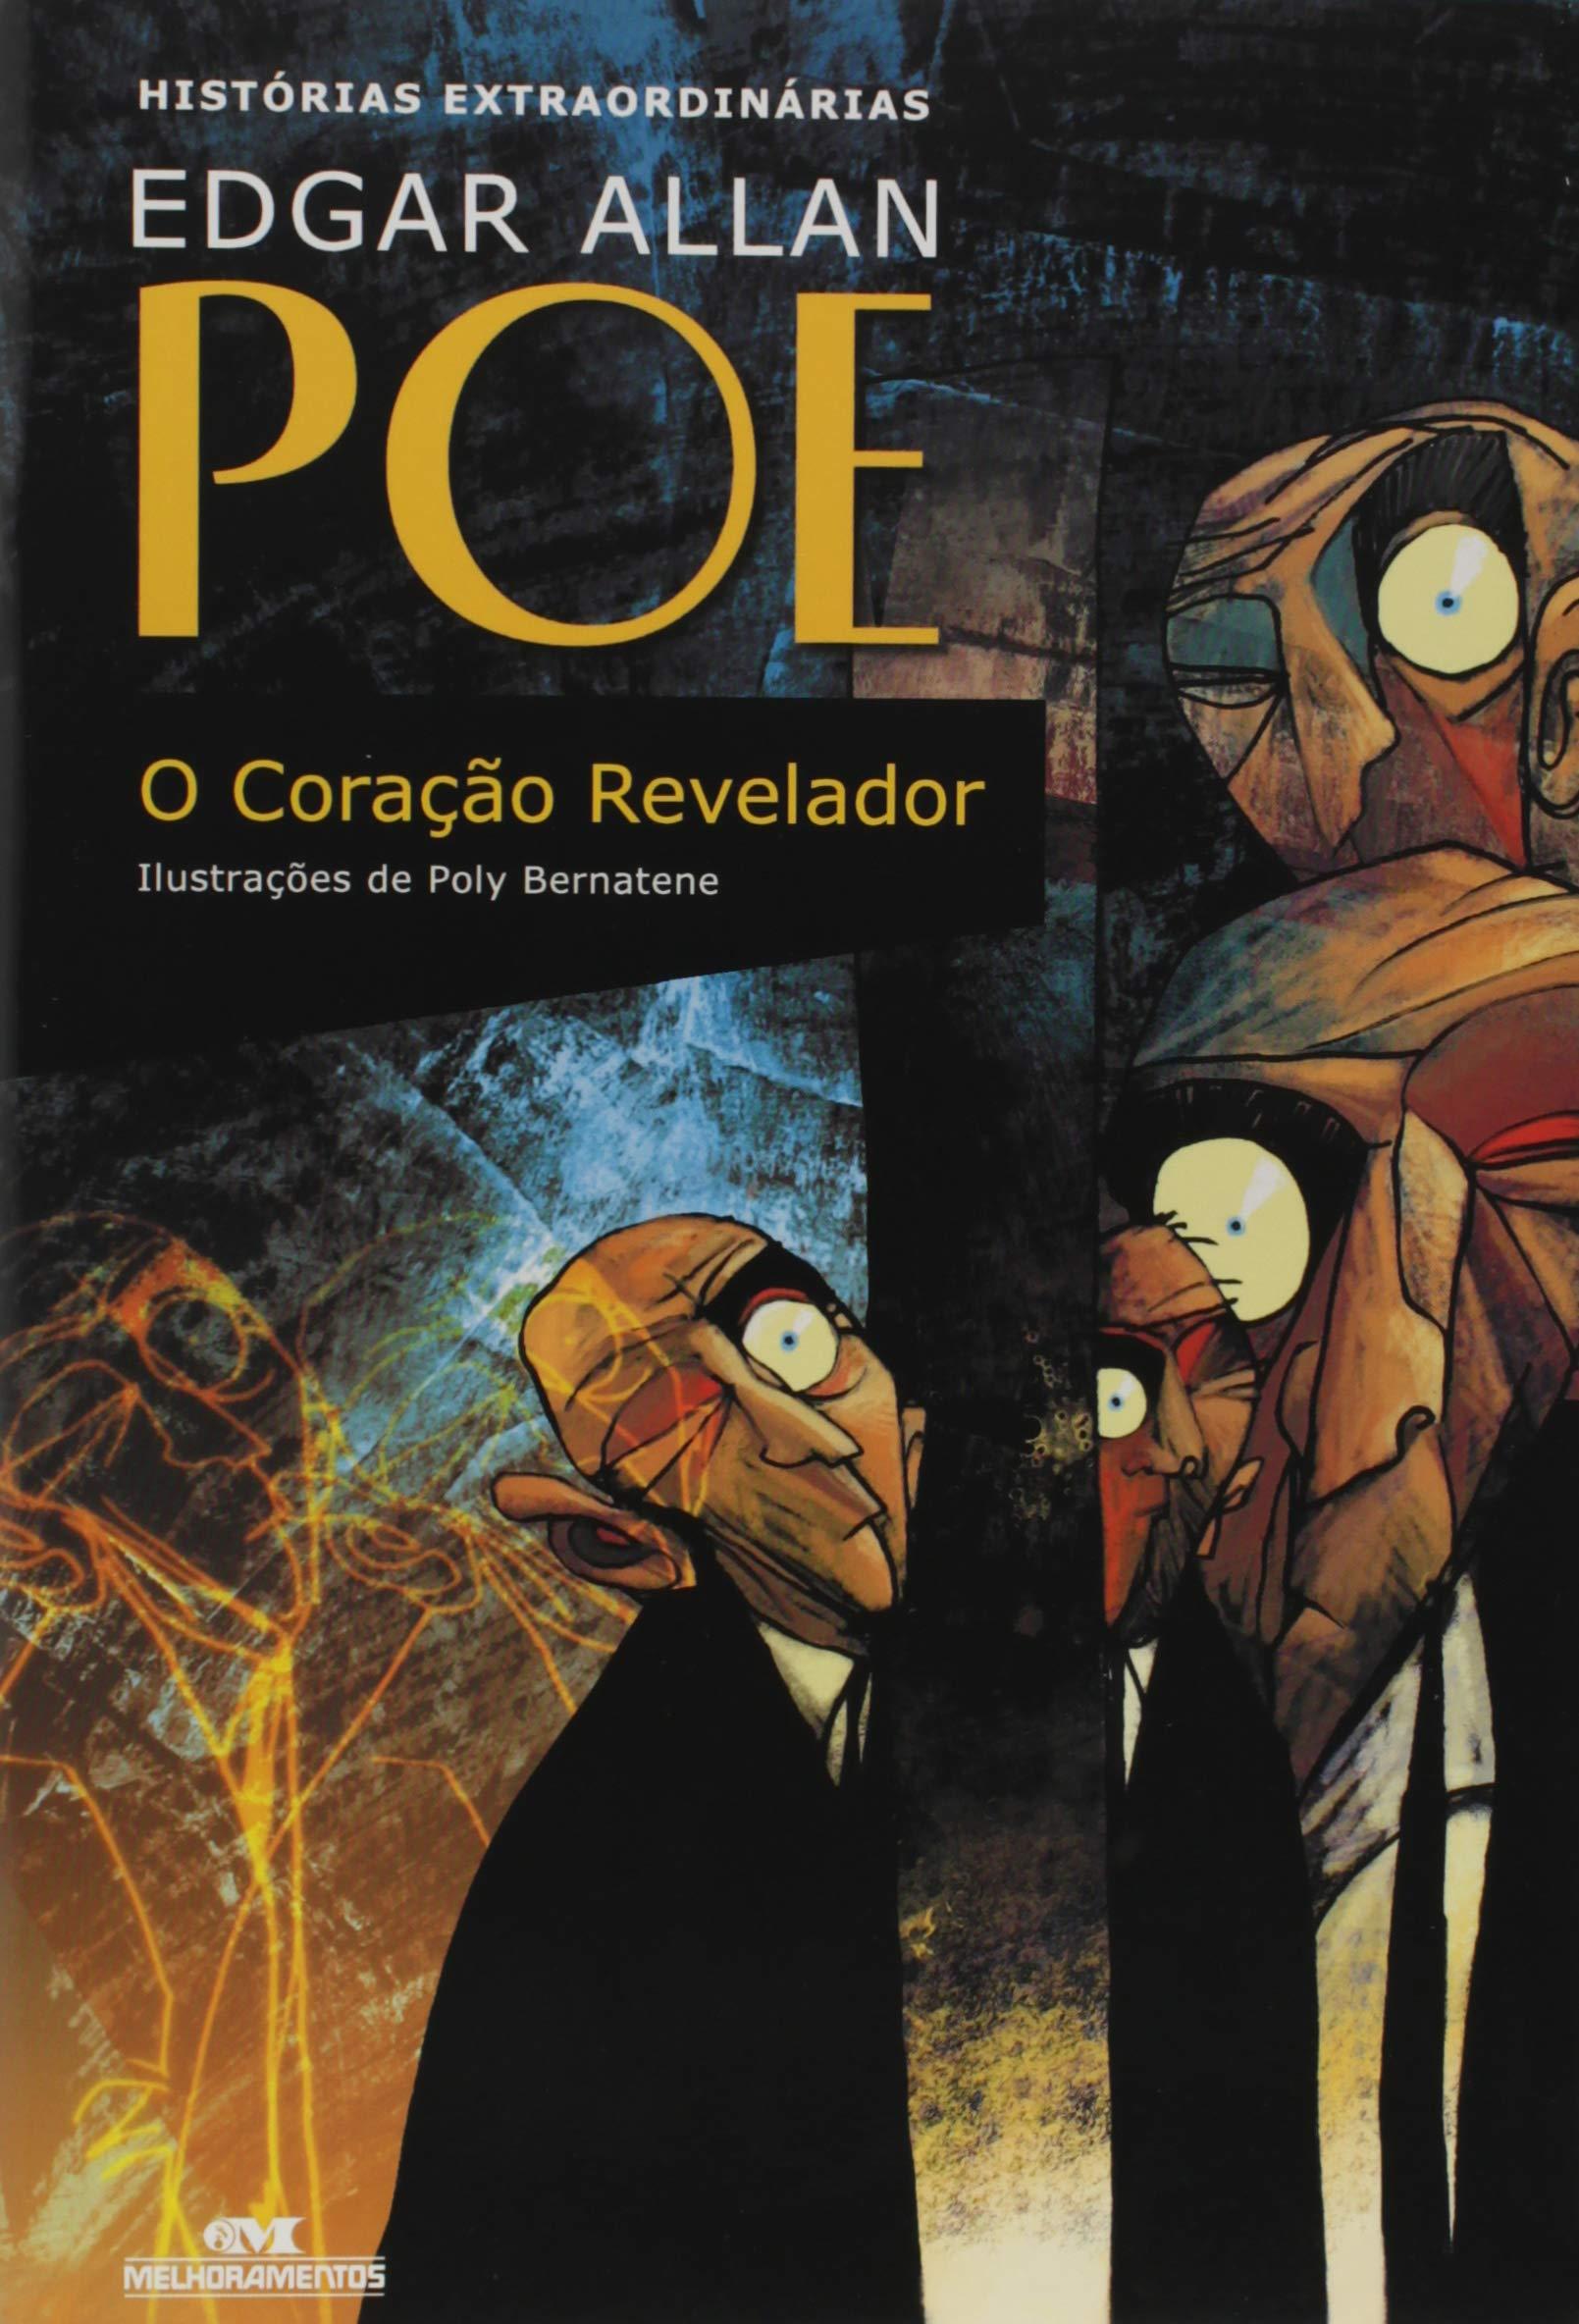 O Coração Revelador - 9788506066089 - Livros na Amazon Brasil